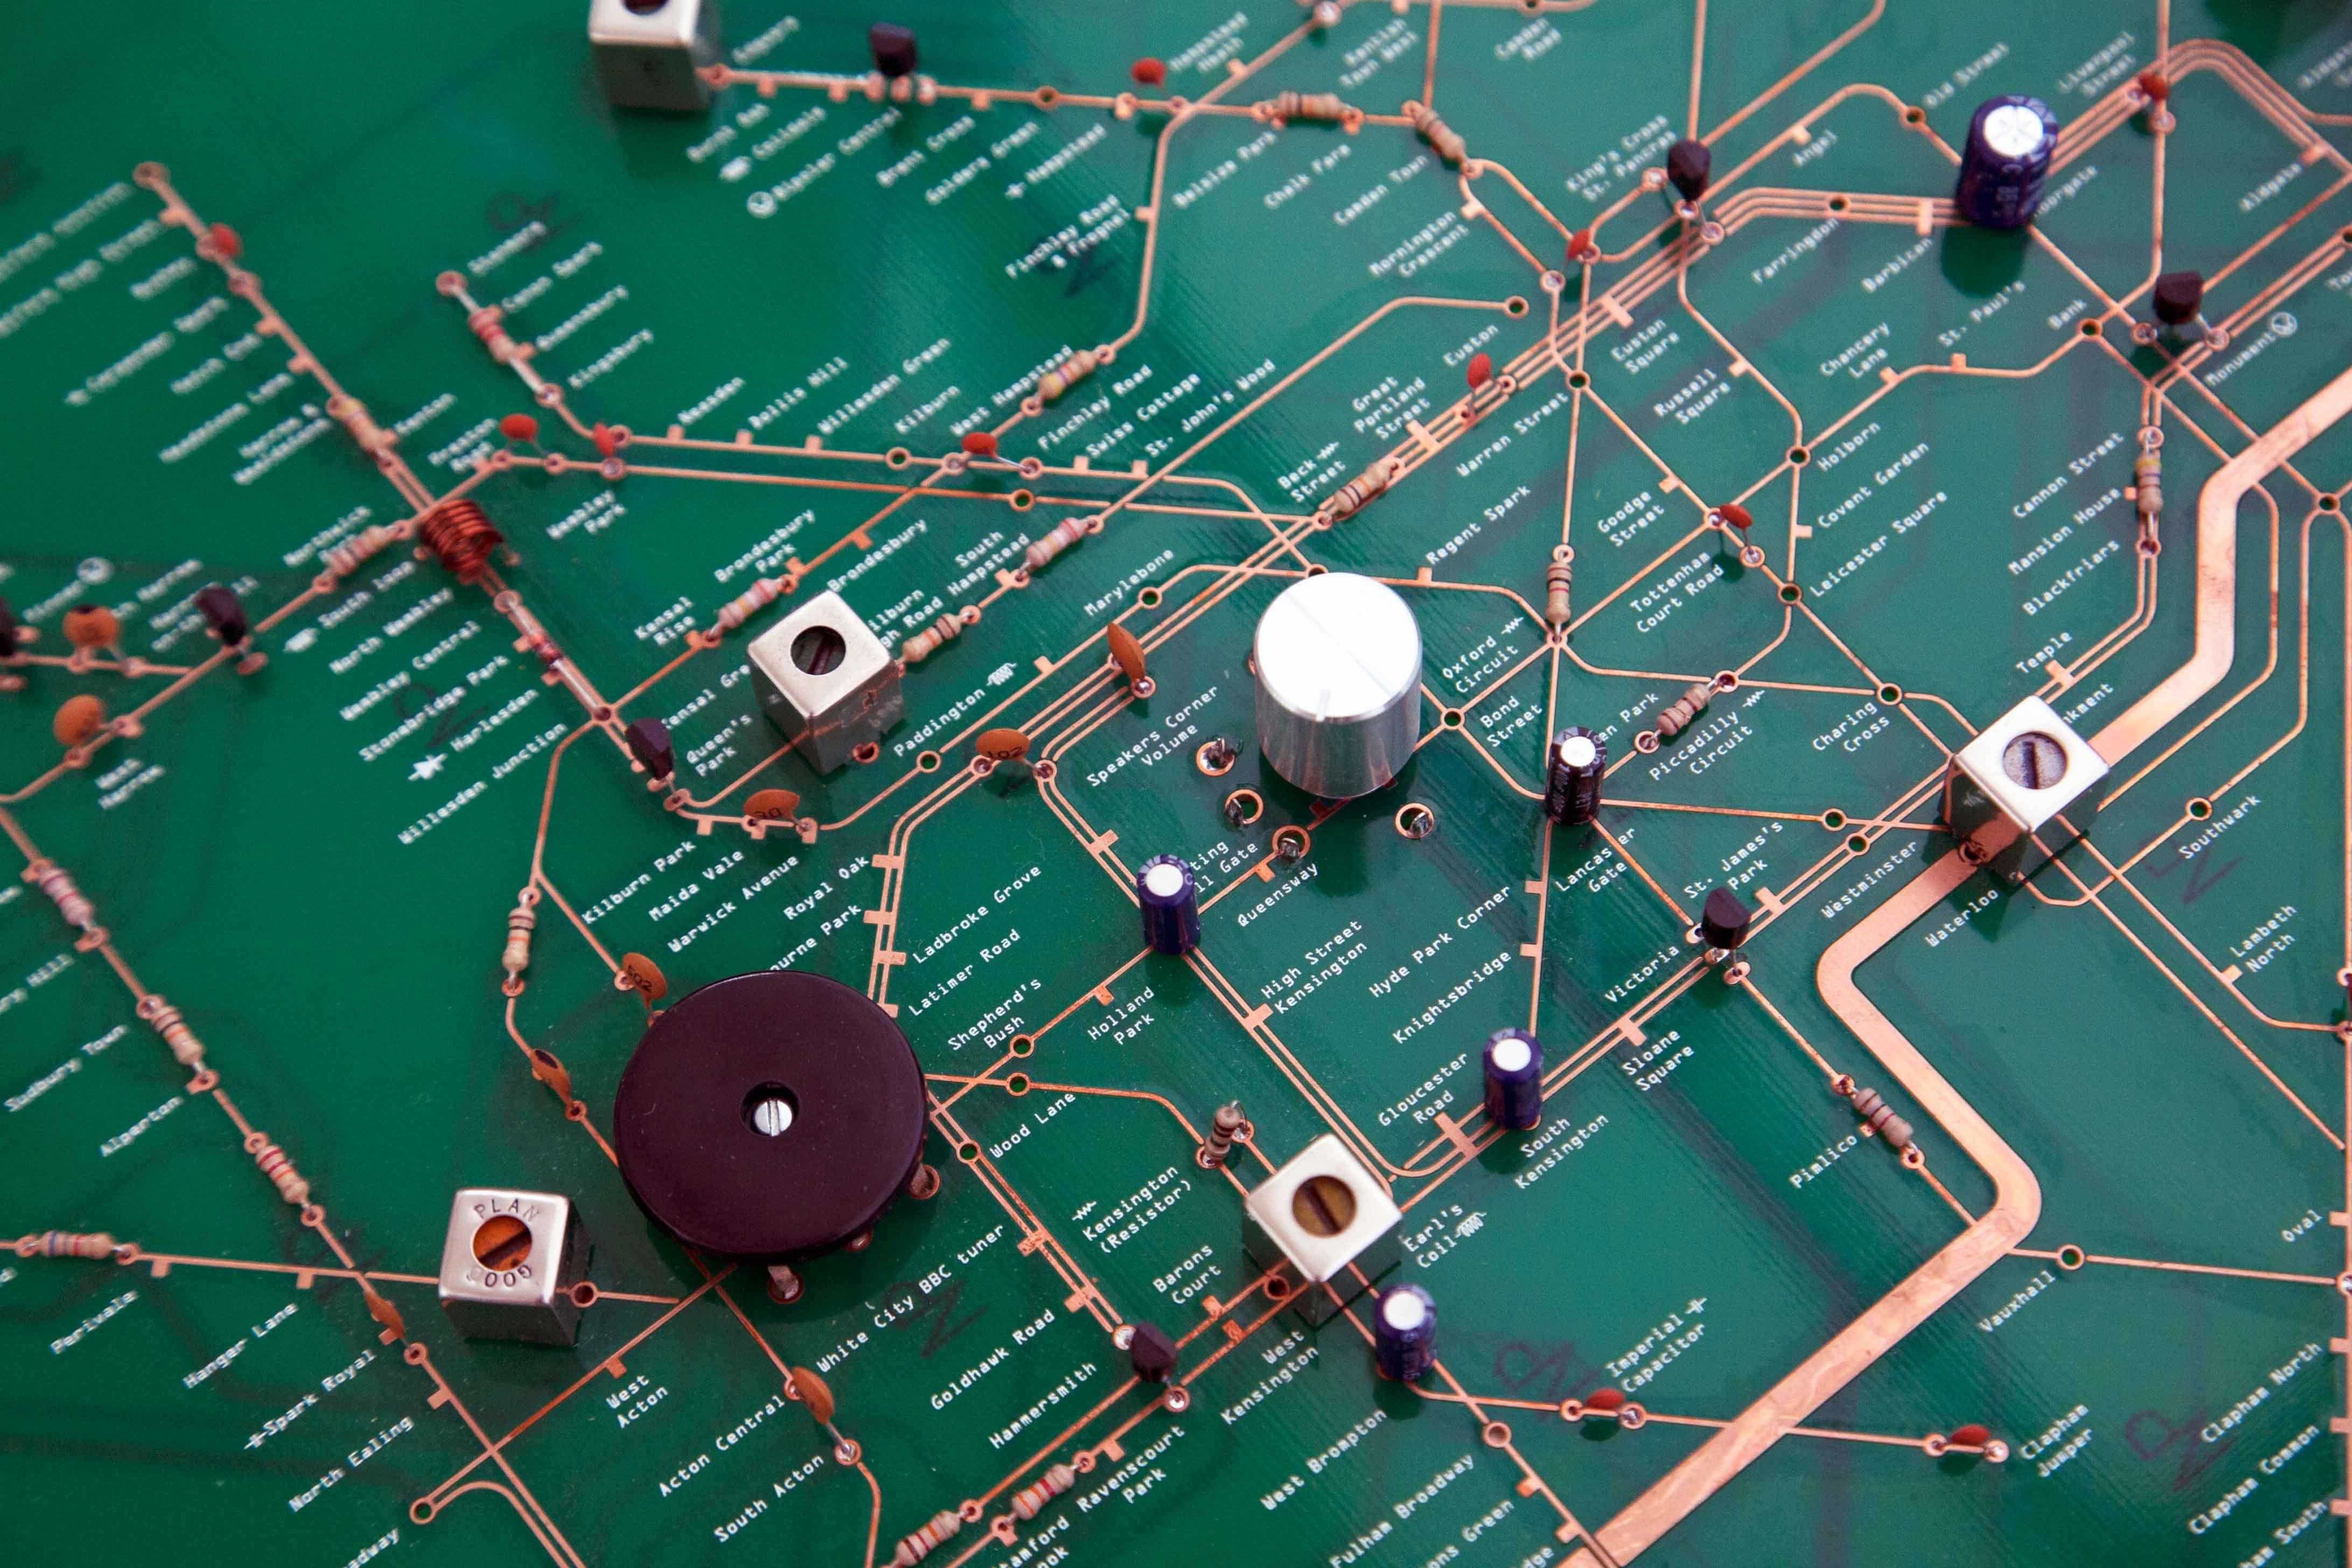 Circuito Impreso : Mapa del metro de londres sobre un circuito impreso neogeography